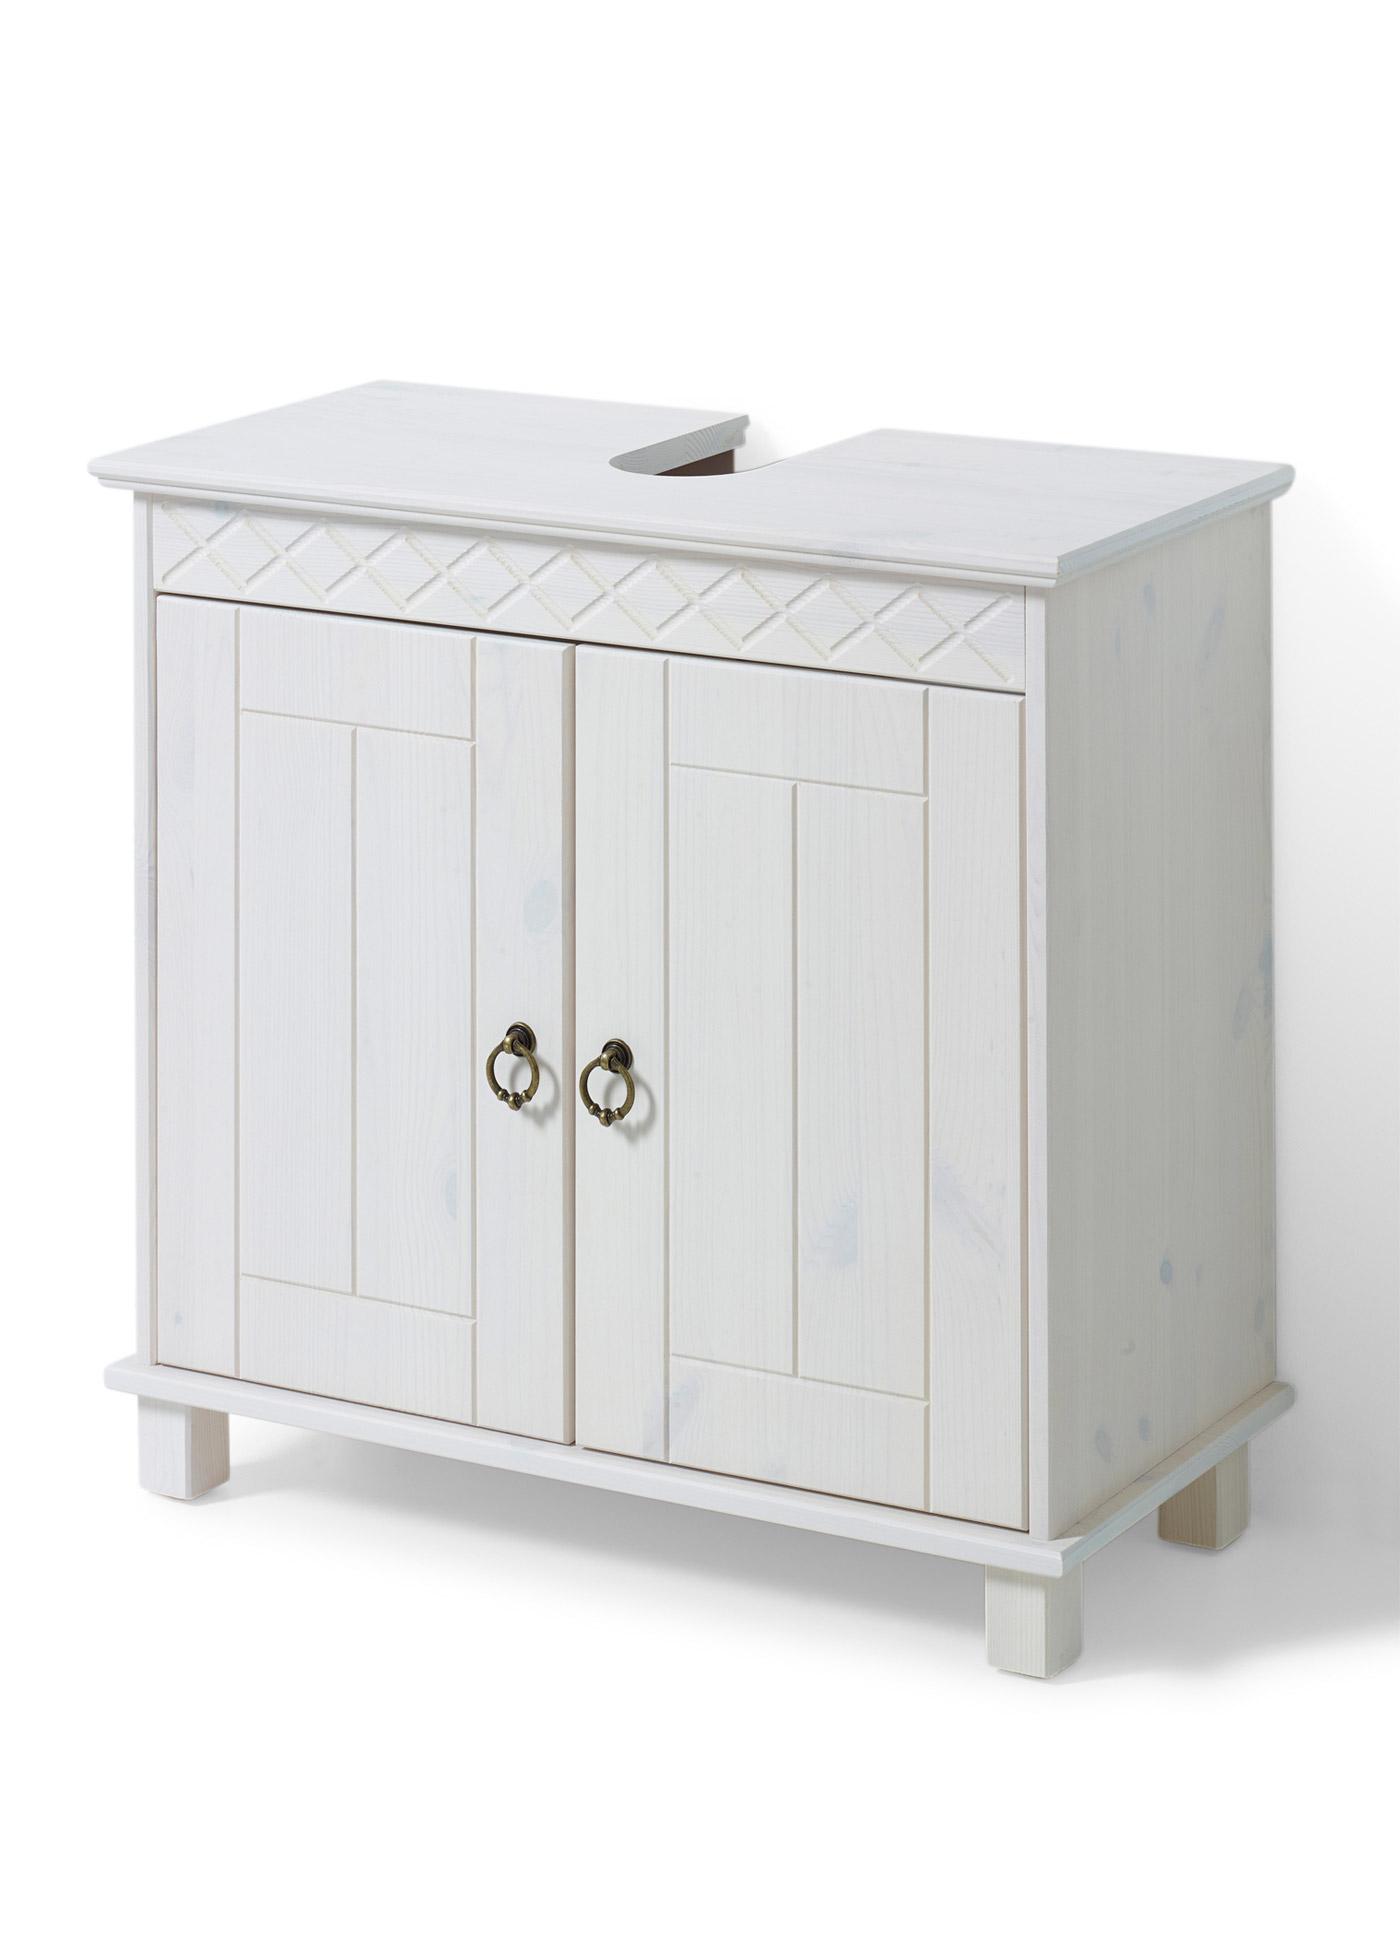 Waschbeckenunterschrank Landhausstil Weiß